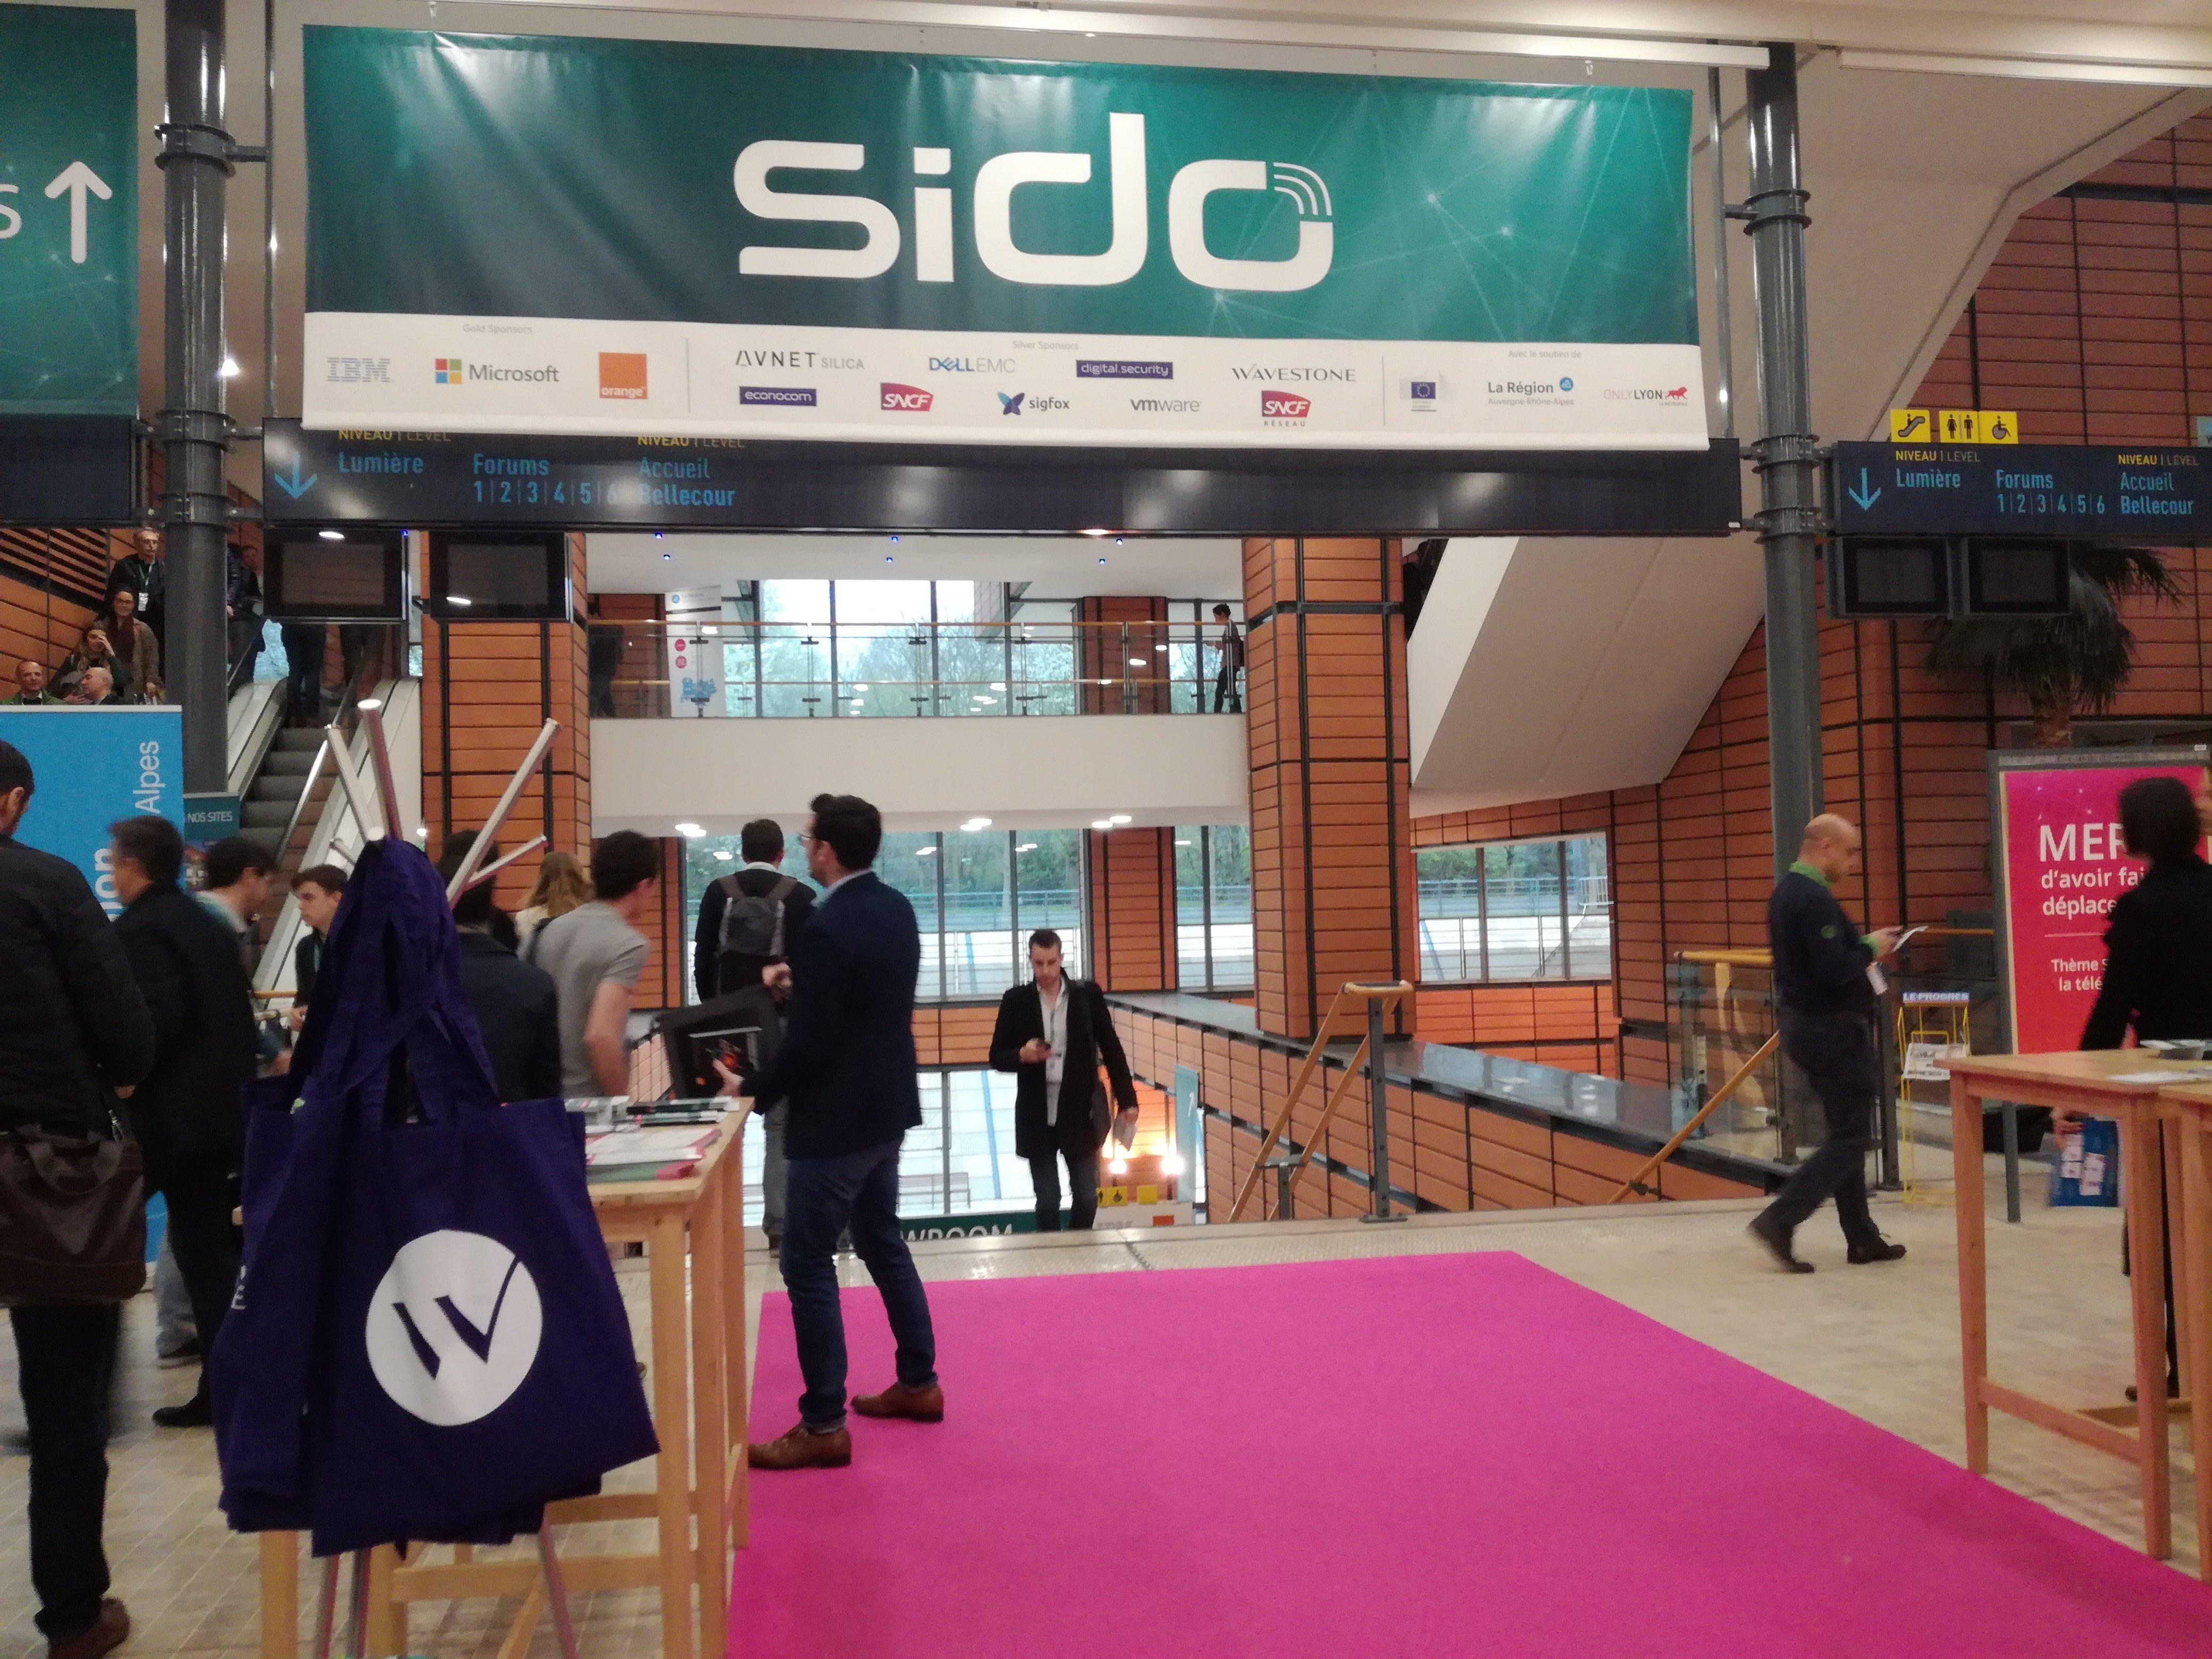 [SIdO 18] De nouvelles opportunités business au croisement de l'IoT et de la data